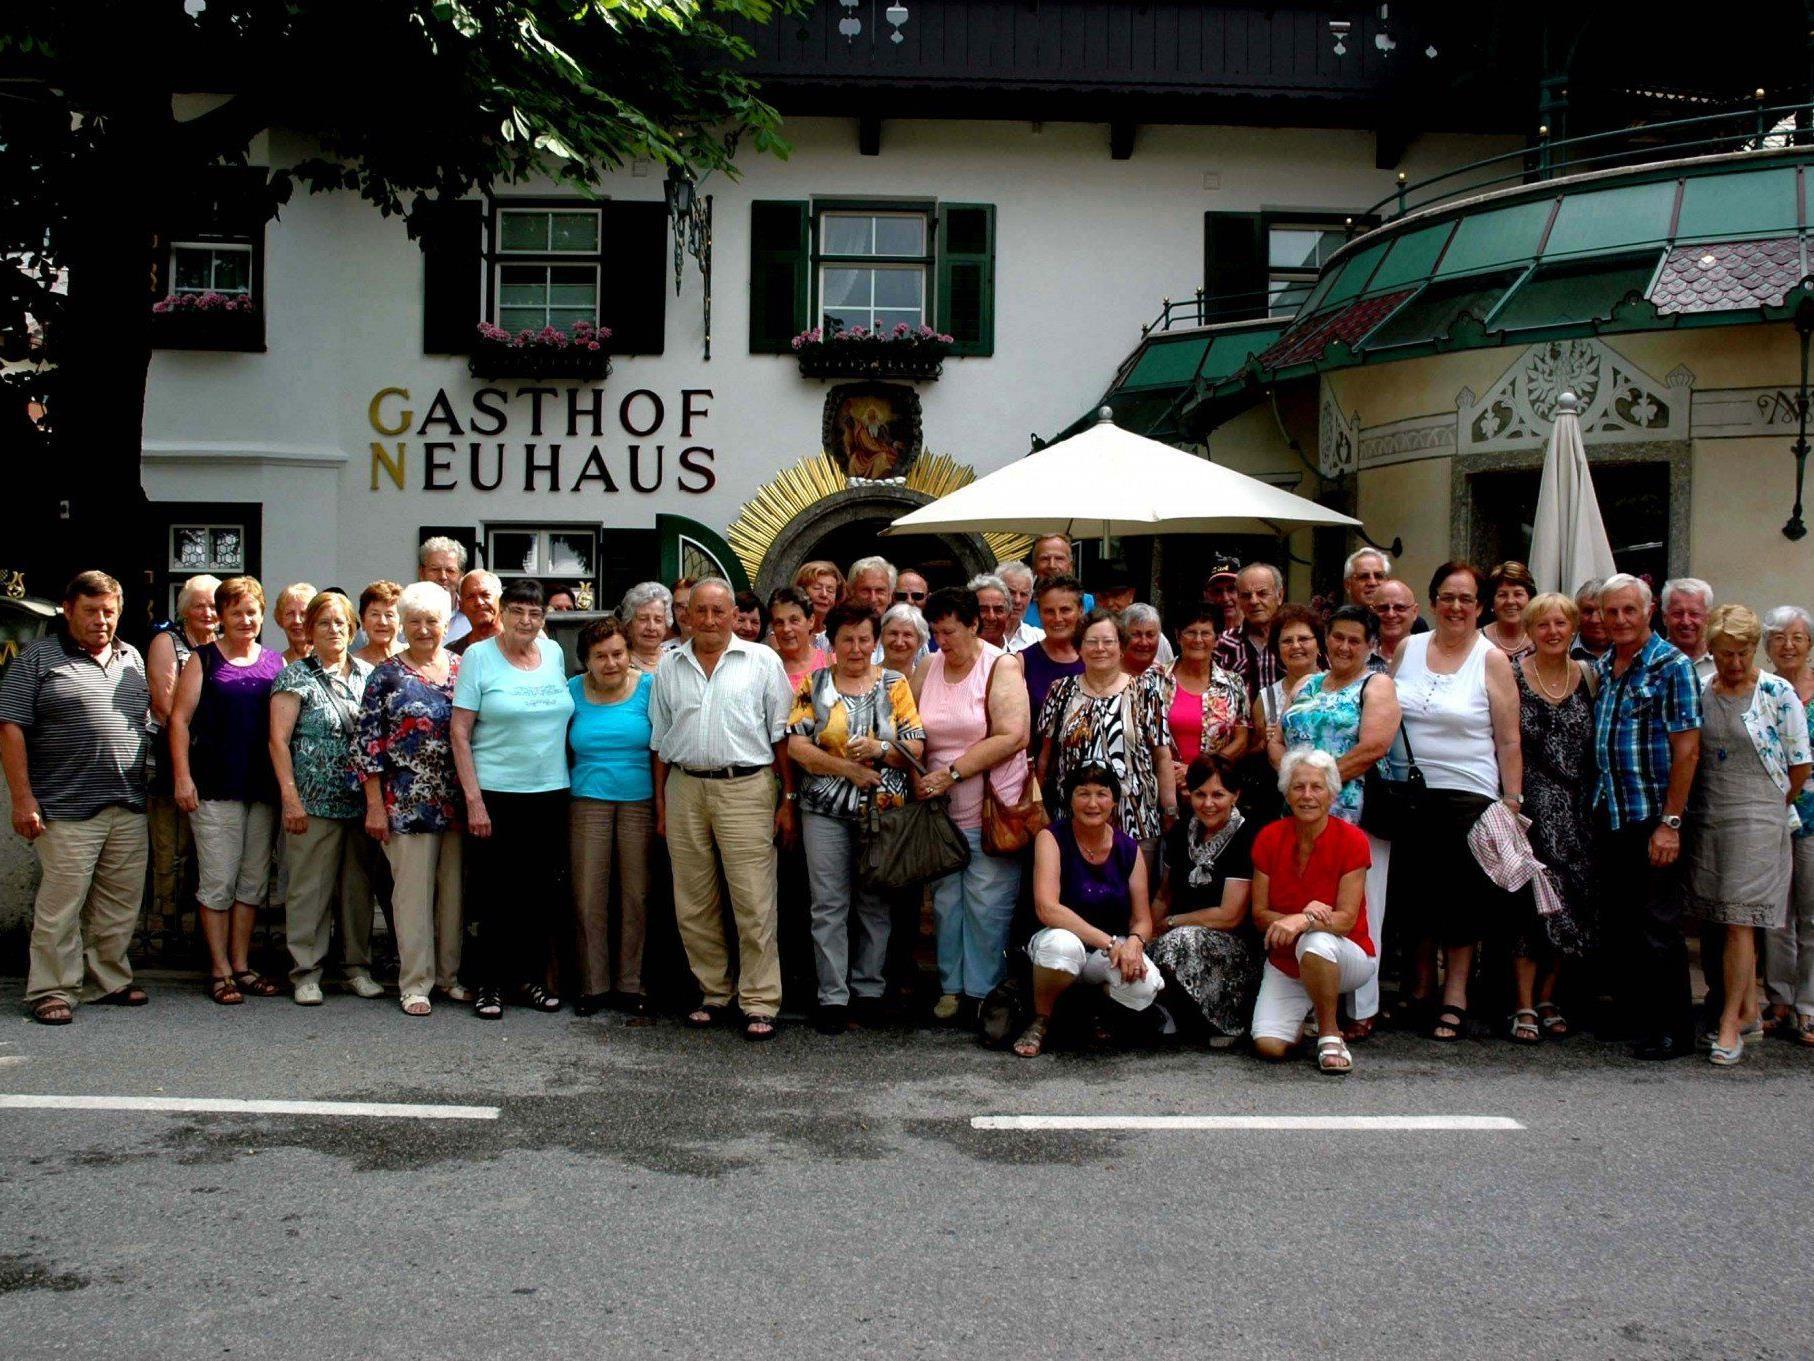 Bei herrlichem Wetter erlebten 50 Pensionisten wunderschöne Tage in Tirol